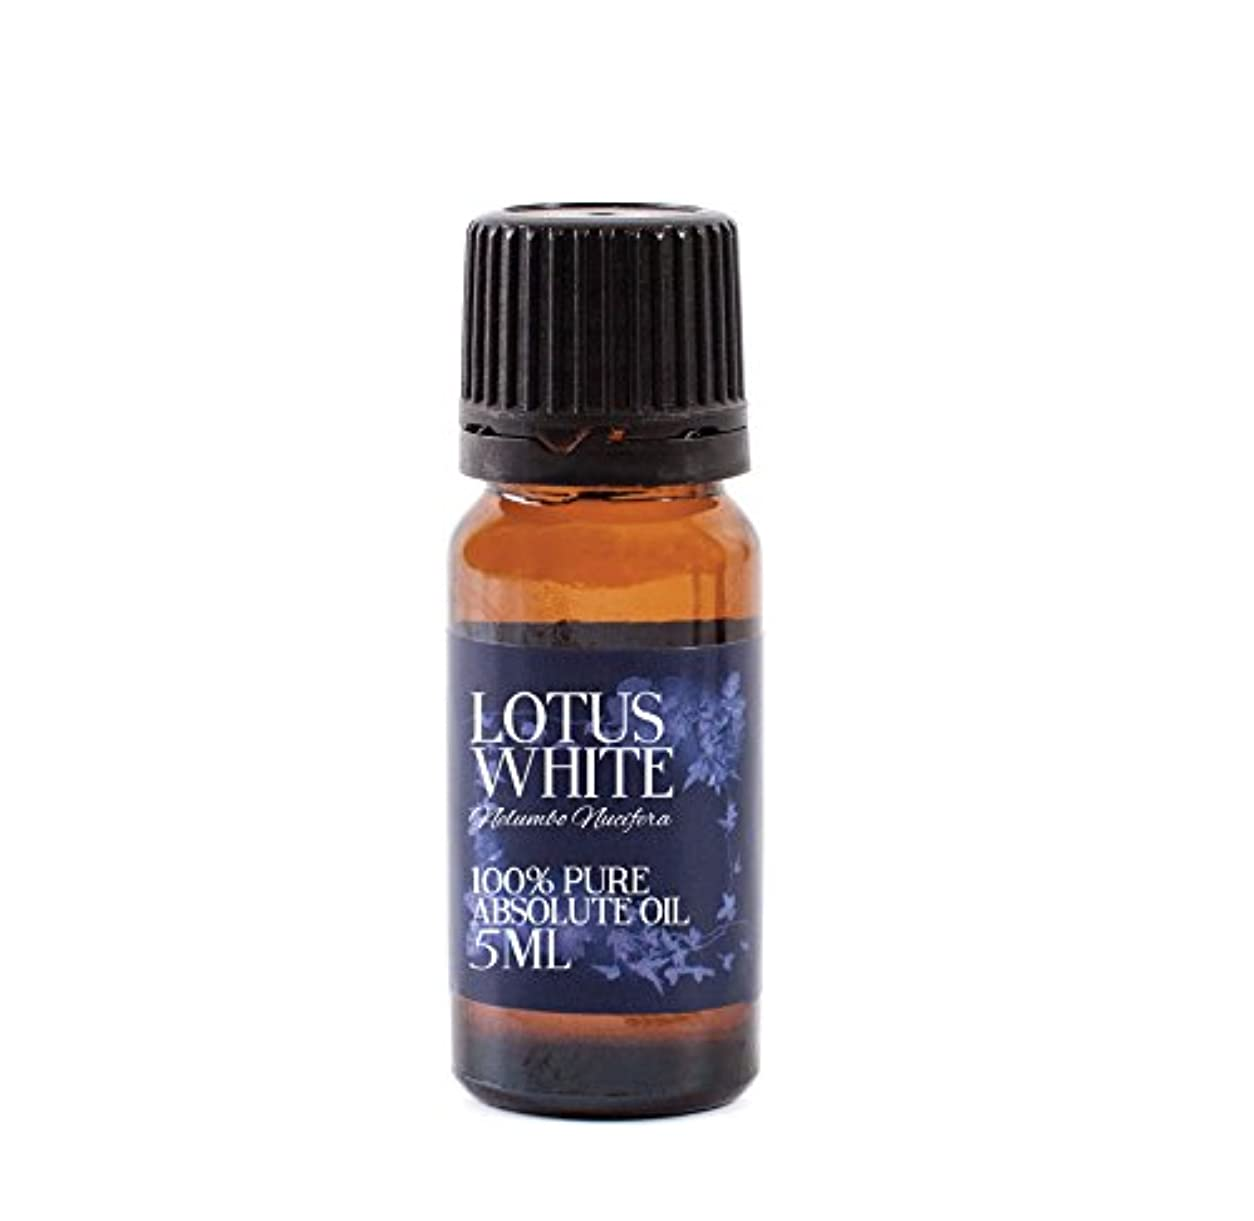 東ティモール無駄ベーコンLotus White Absolute 5ml - 100% Pure